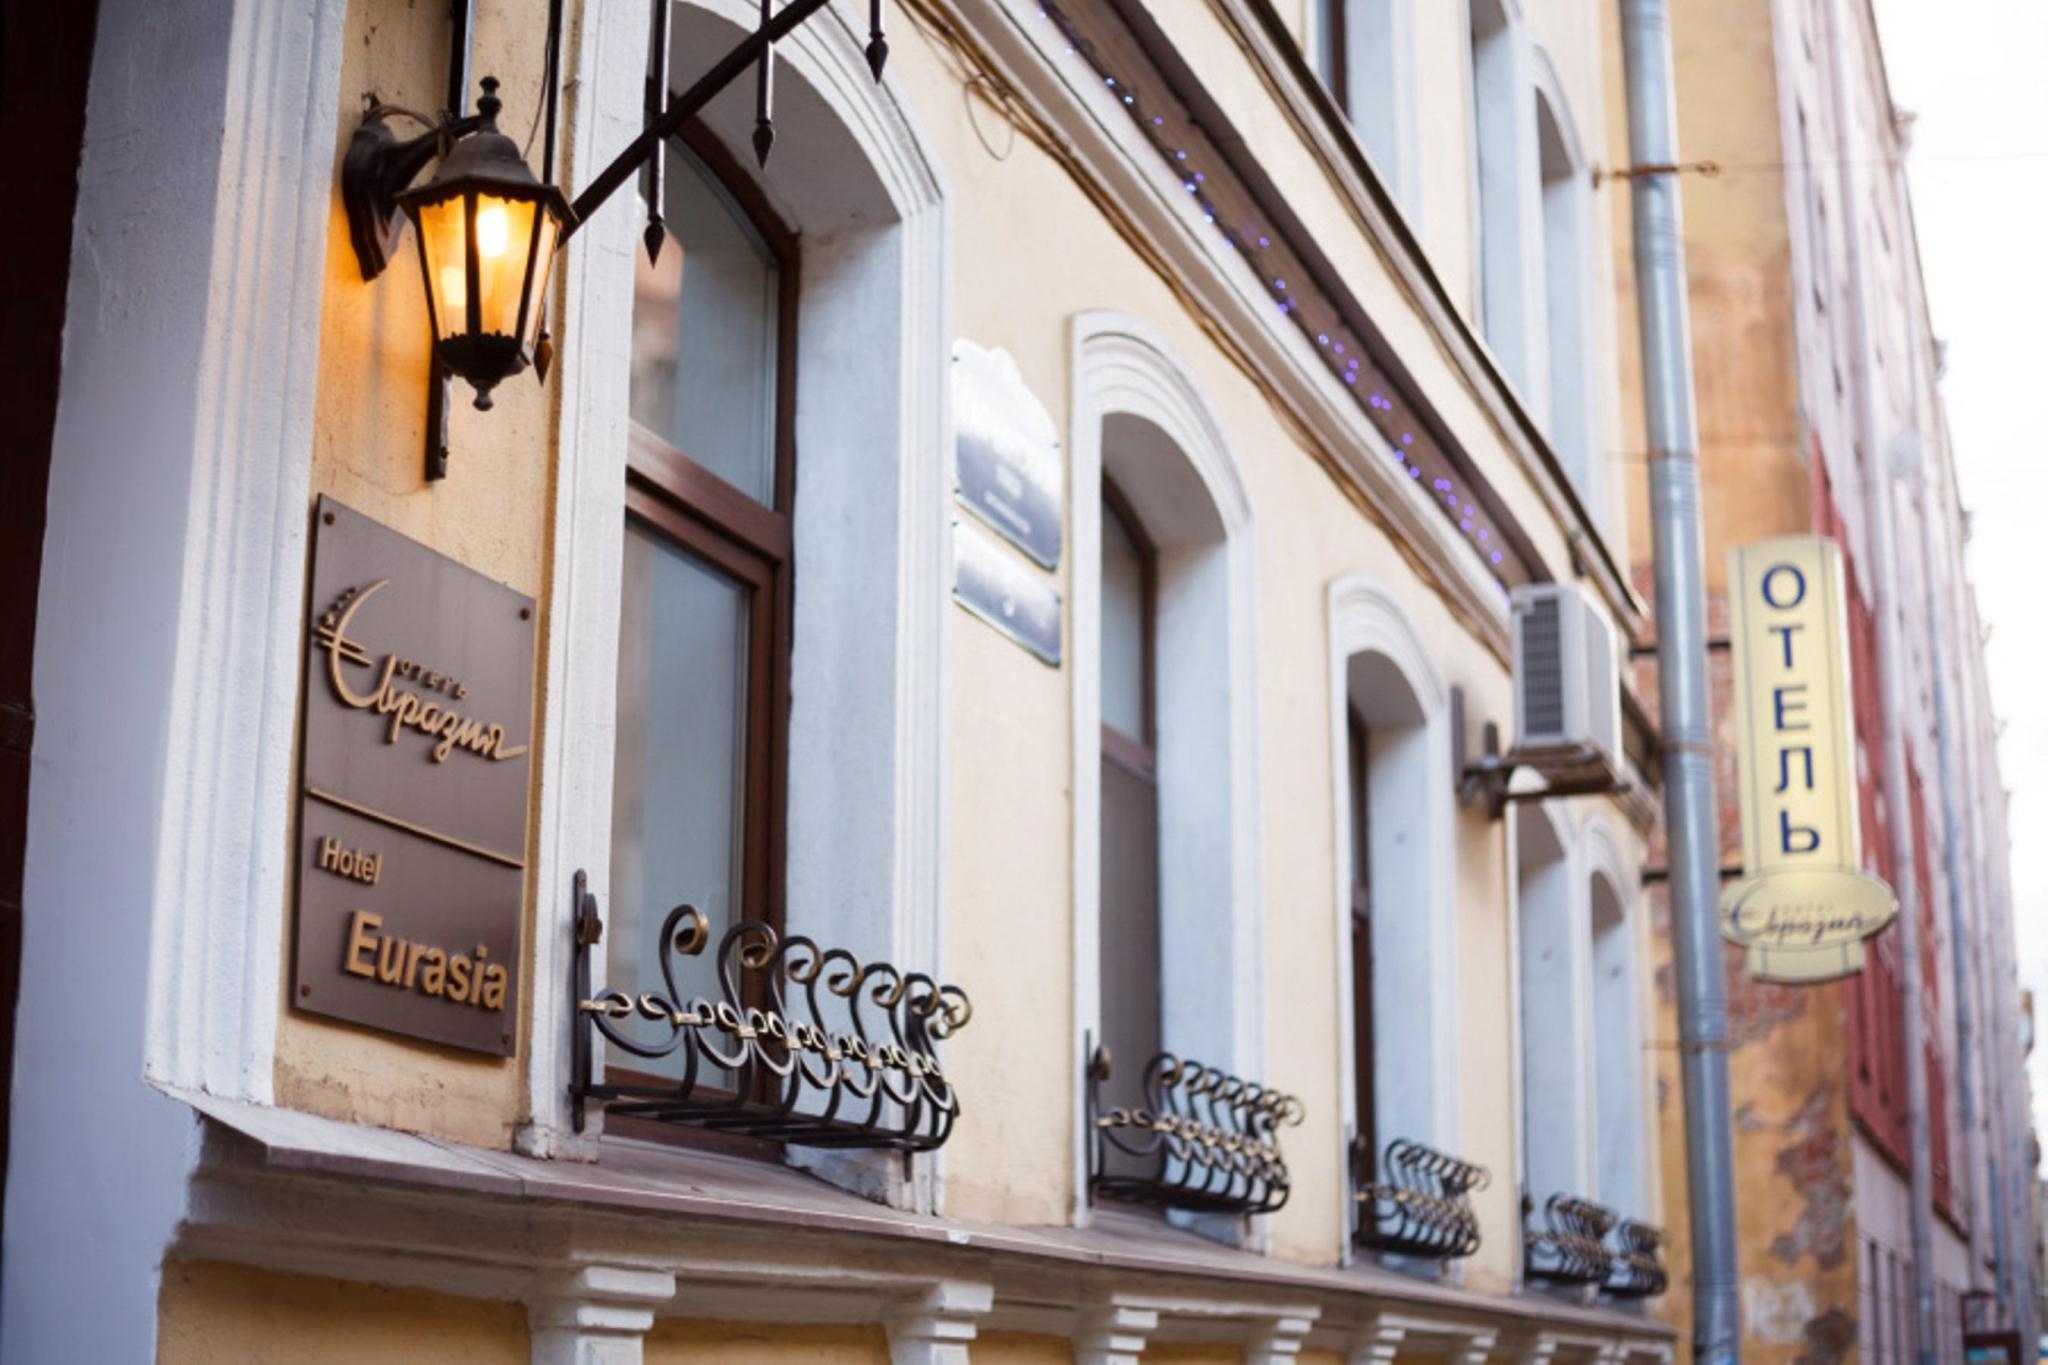 Фото мини-гостиницы Евразия